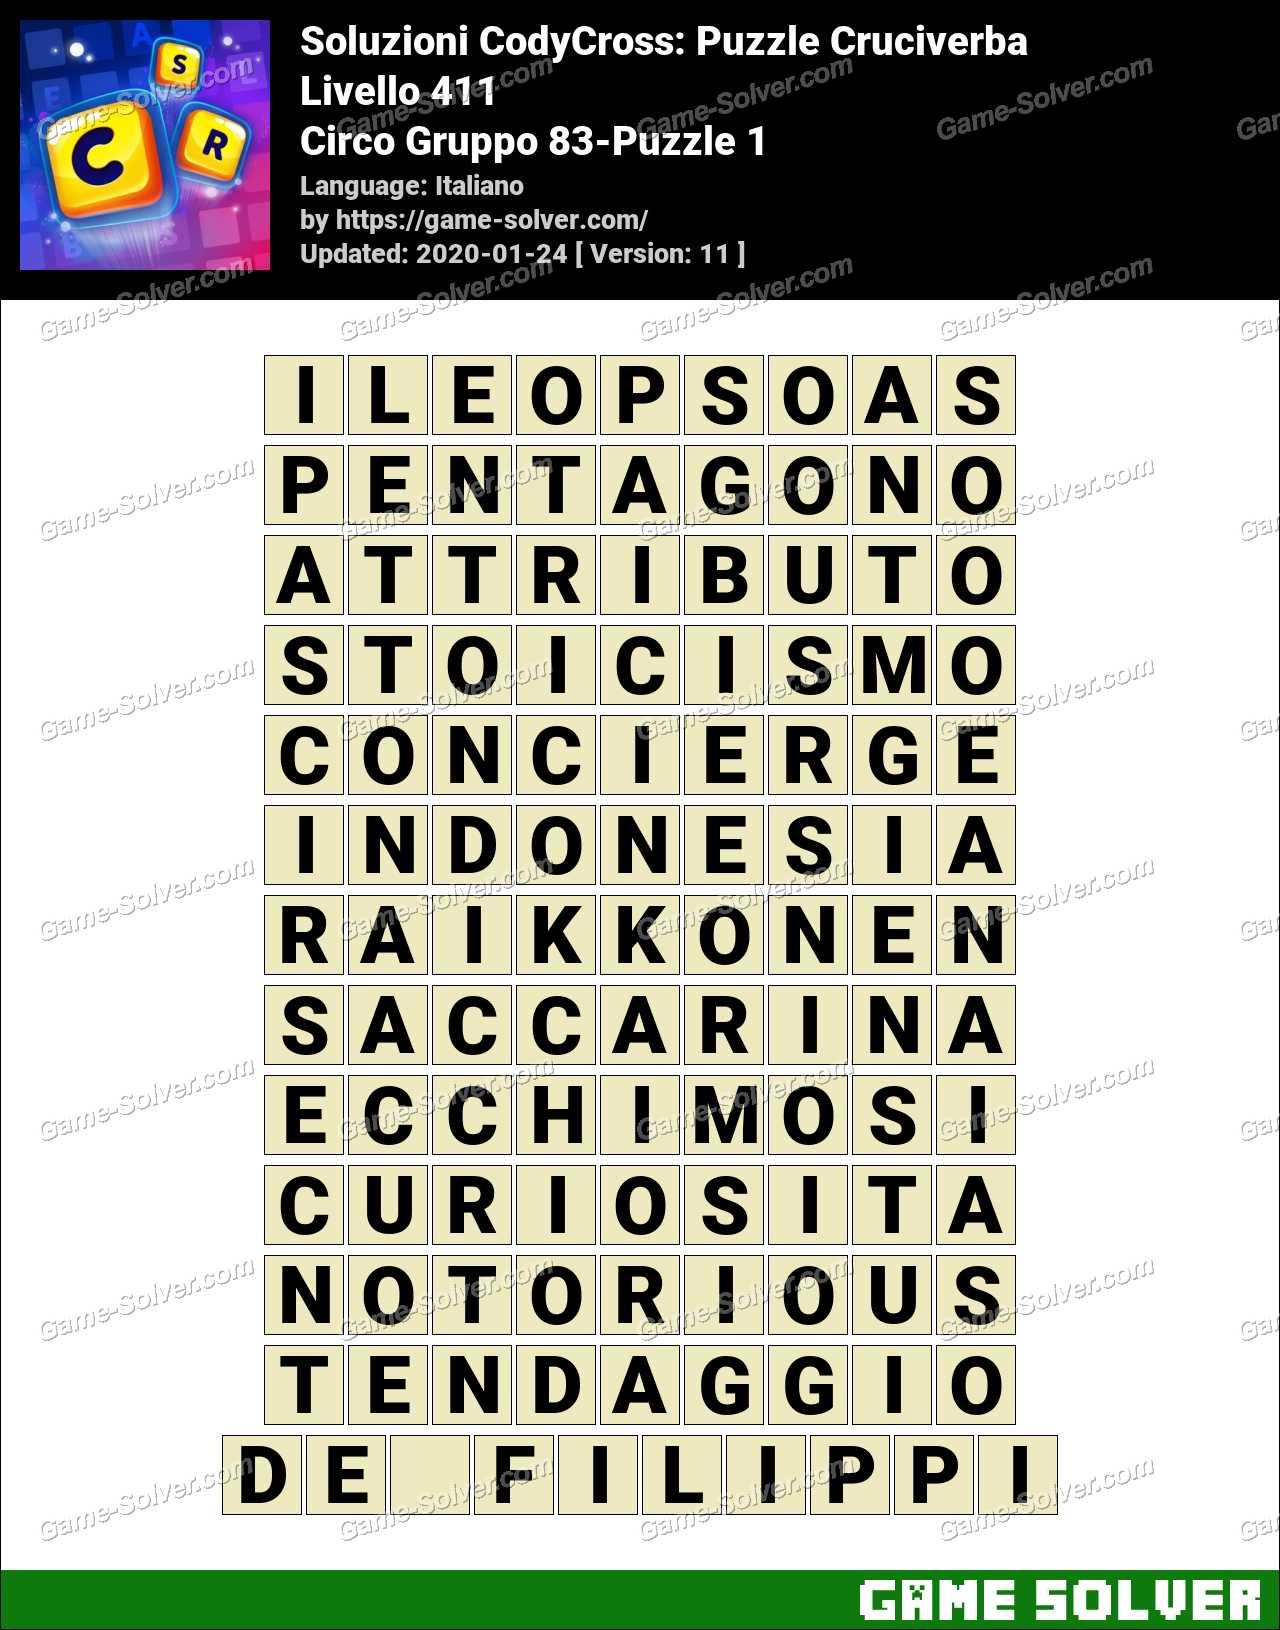 Soluzioni CodyCross Circo Gruppo 83-Puzzle 1